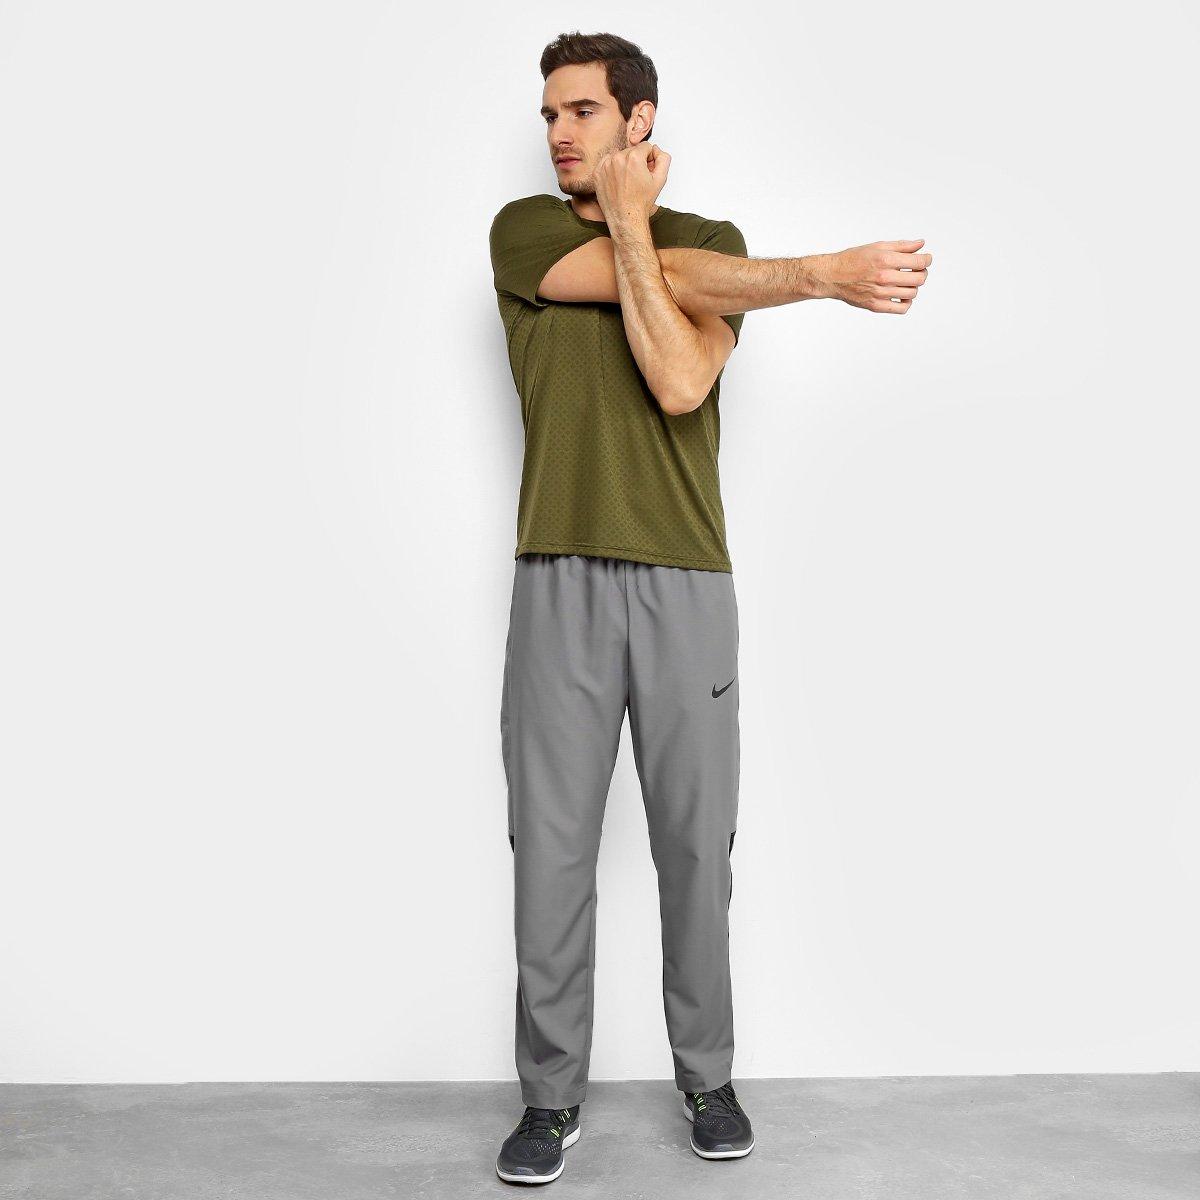 374eeb9ceb94a Calça Nike Dry Team Woven Masculina | Livelo -Sua Vida com Mais Recompensas